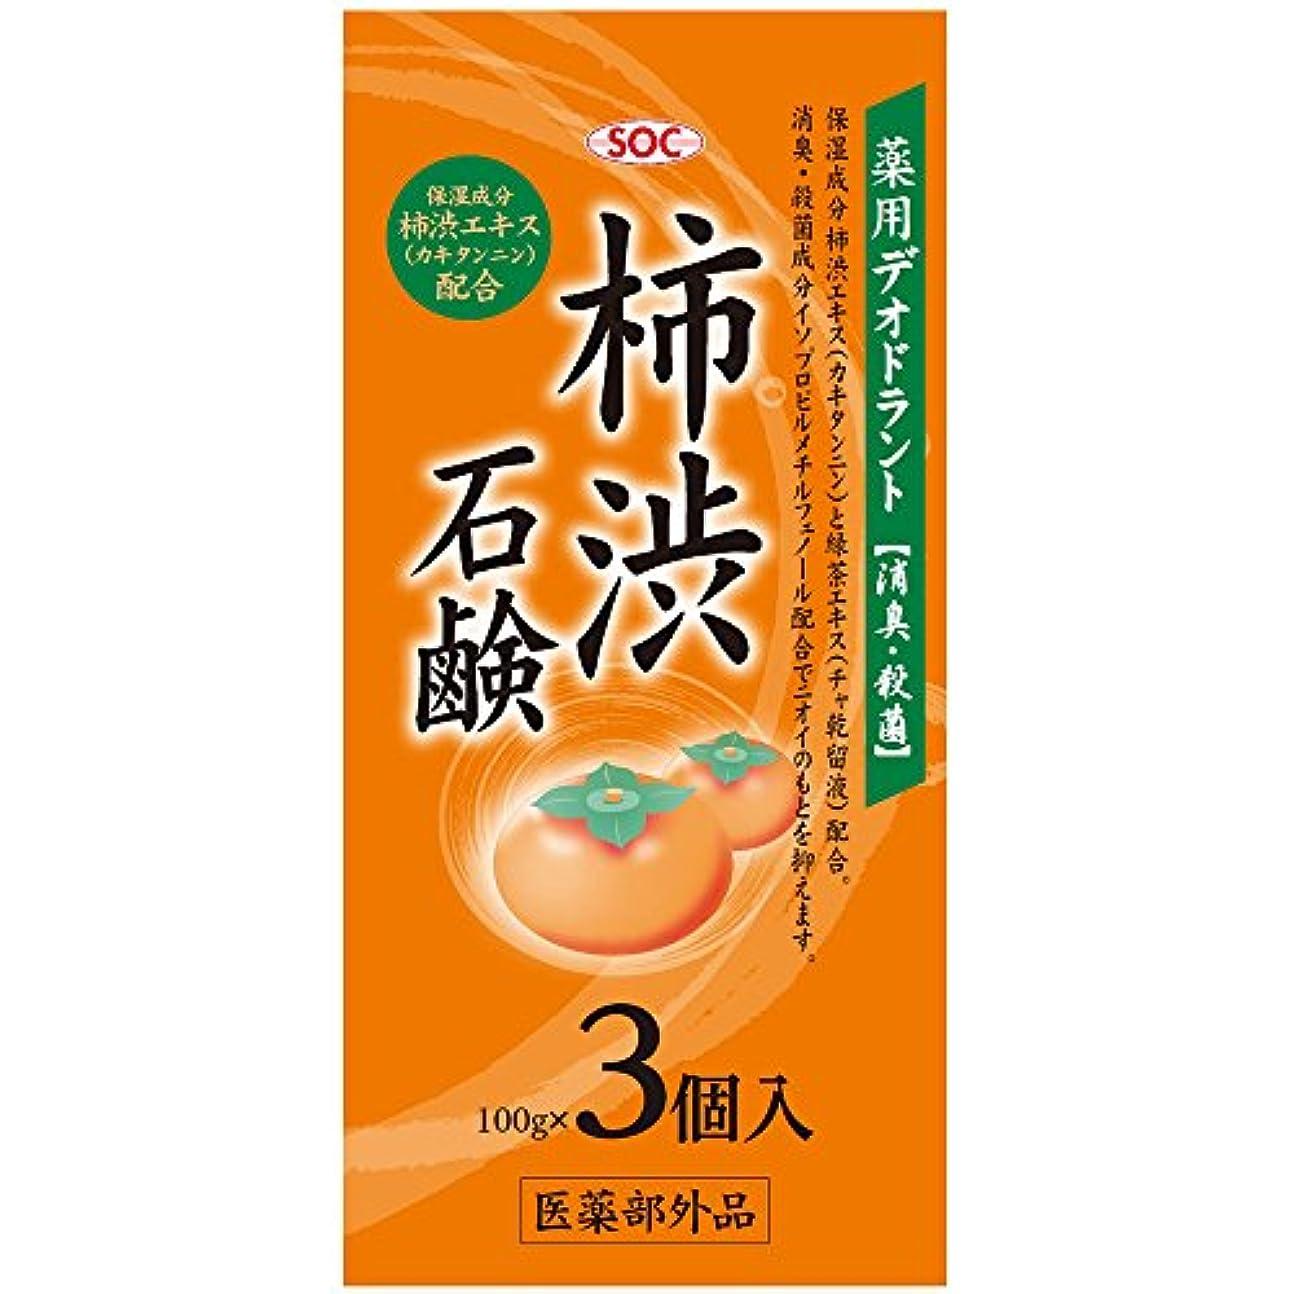 赤面見落とすサイズSOC 薬用柿渋石鹸 3P (100g×3)